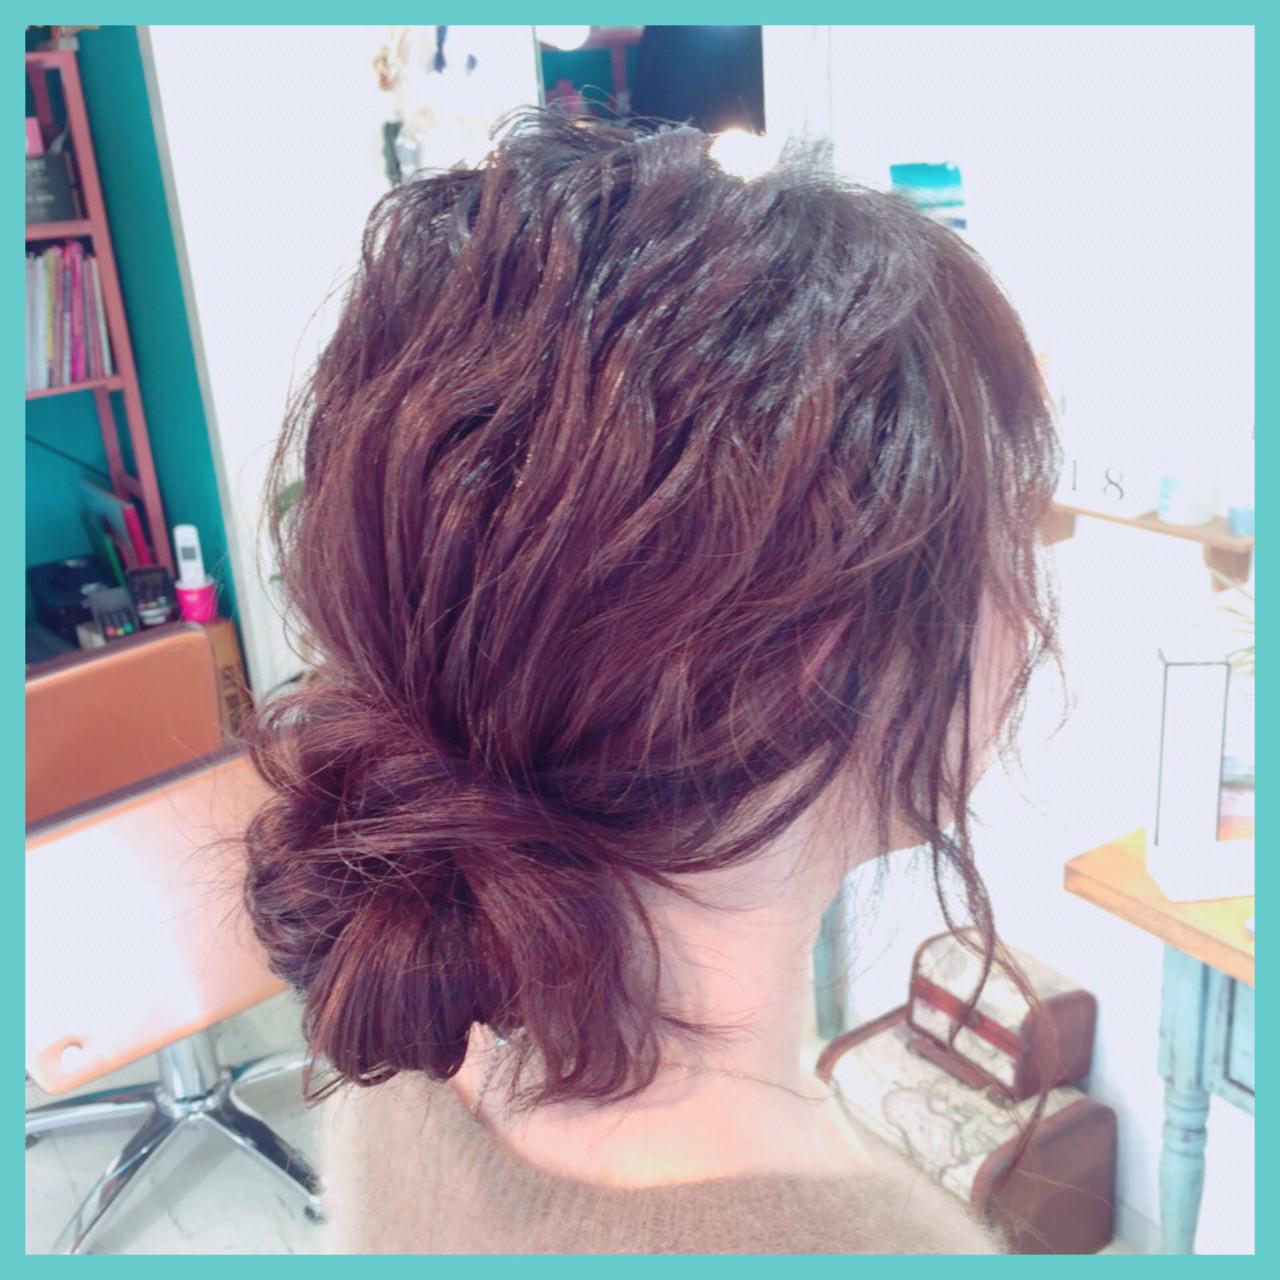 バリエーションは無限大!?ヘアピンだけでつくれるアレンジヘア KAUNALOA hair&make